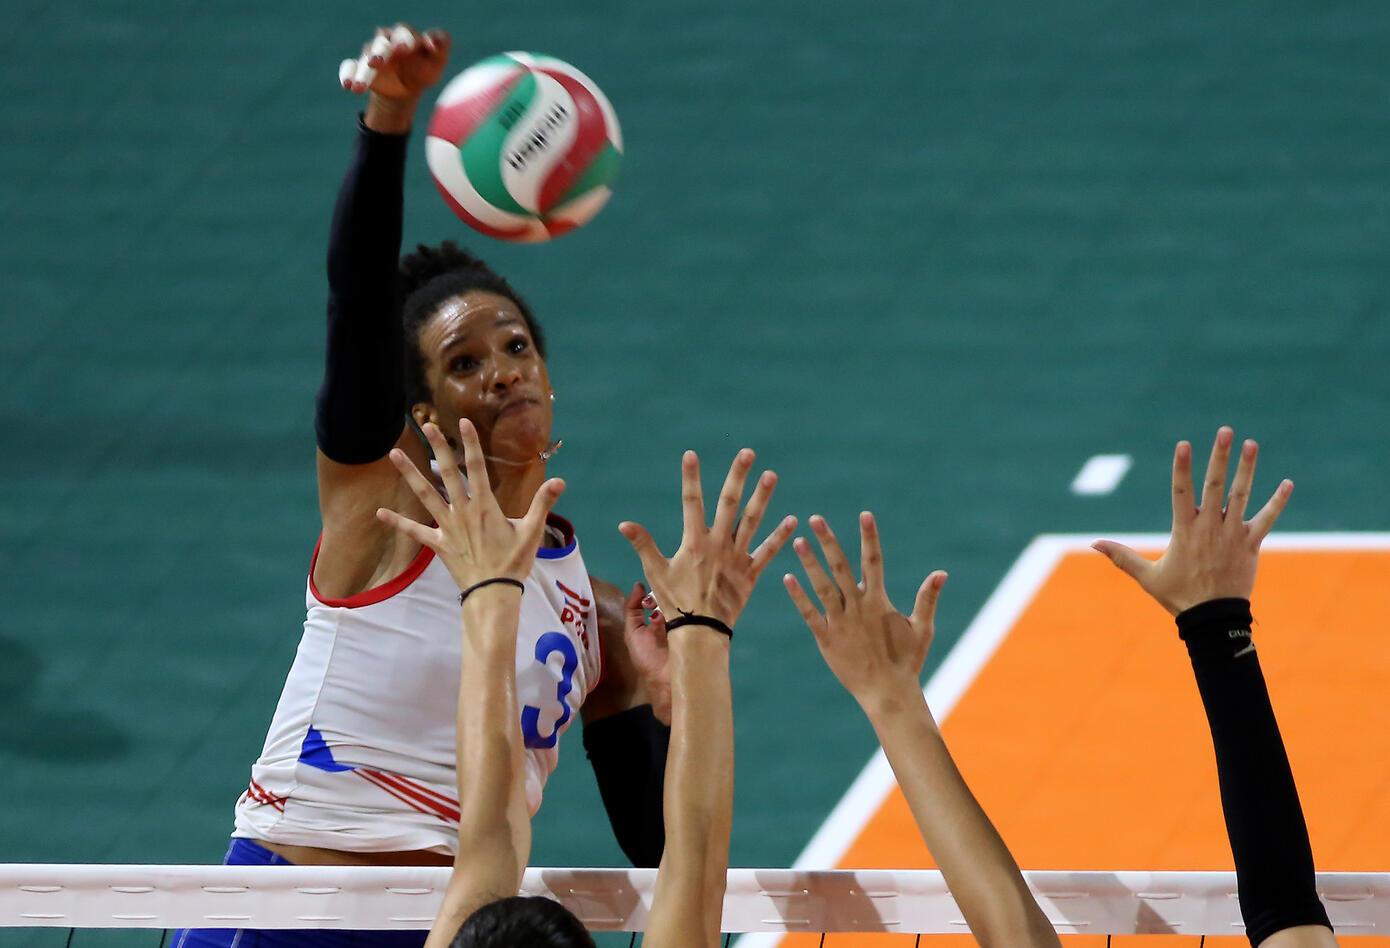 Puerto Rico no dejó nada al azar y conquistó la medalla de bronce ante México